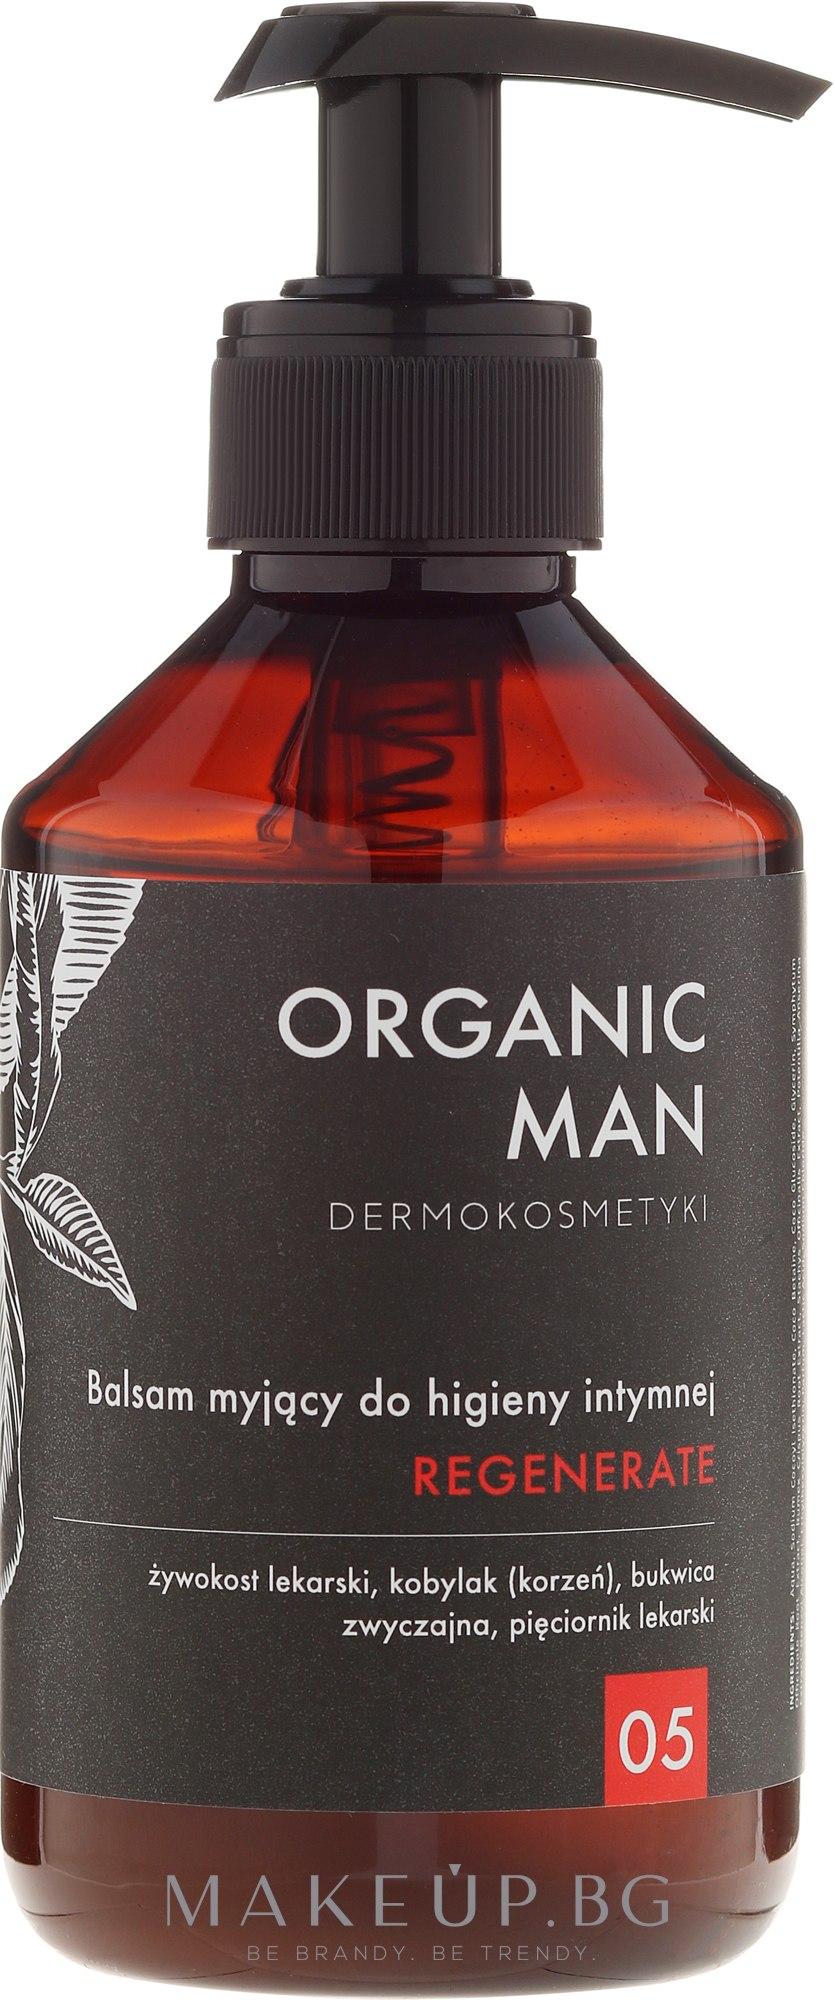 Възстановяващ балсам за интимна хигиена за мъже - Organic Life Dermocosmetics Man — снимка 250 ml